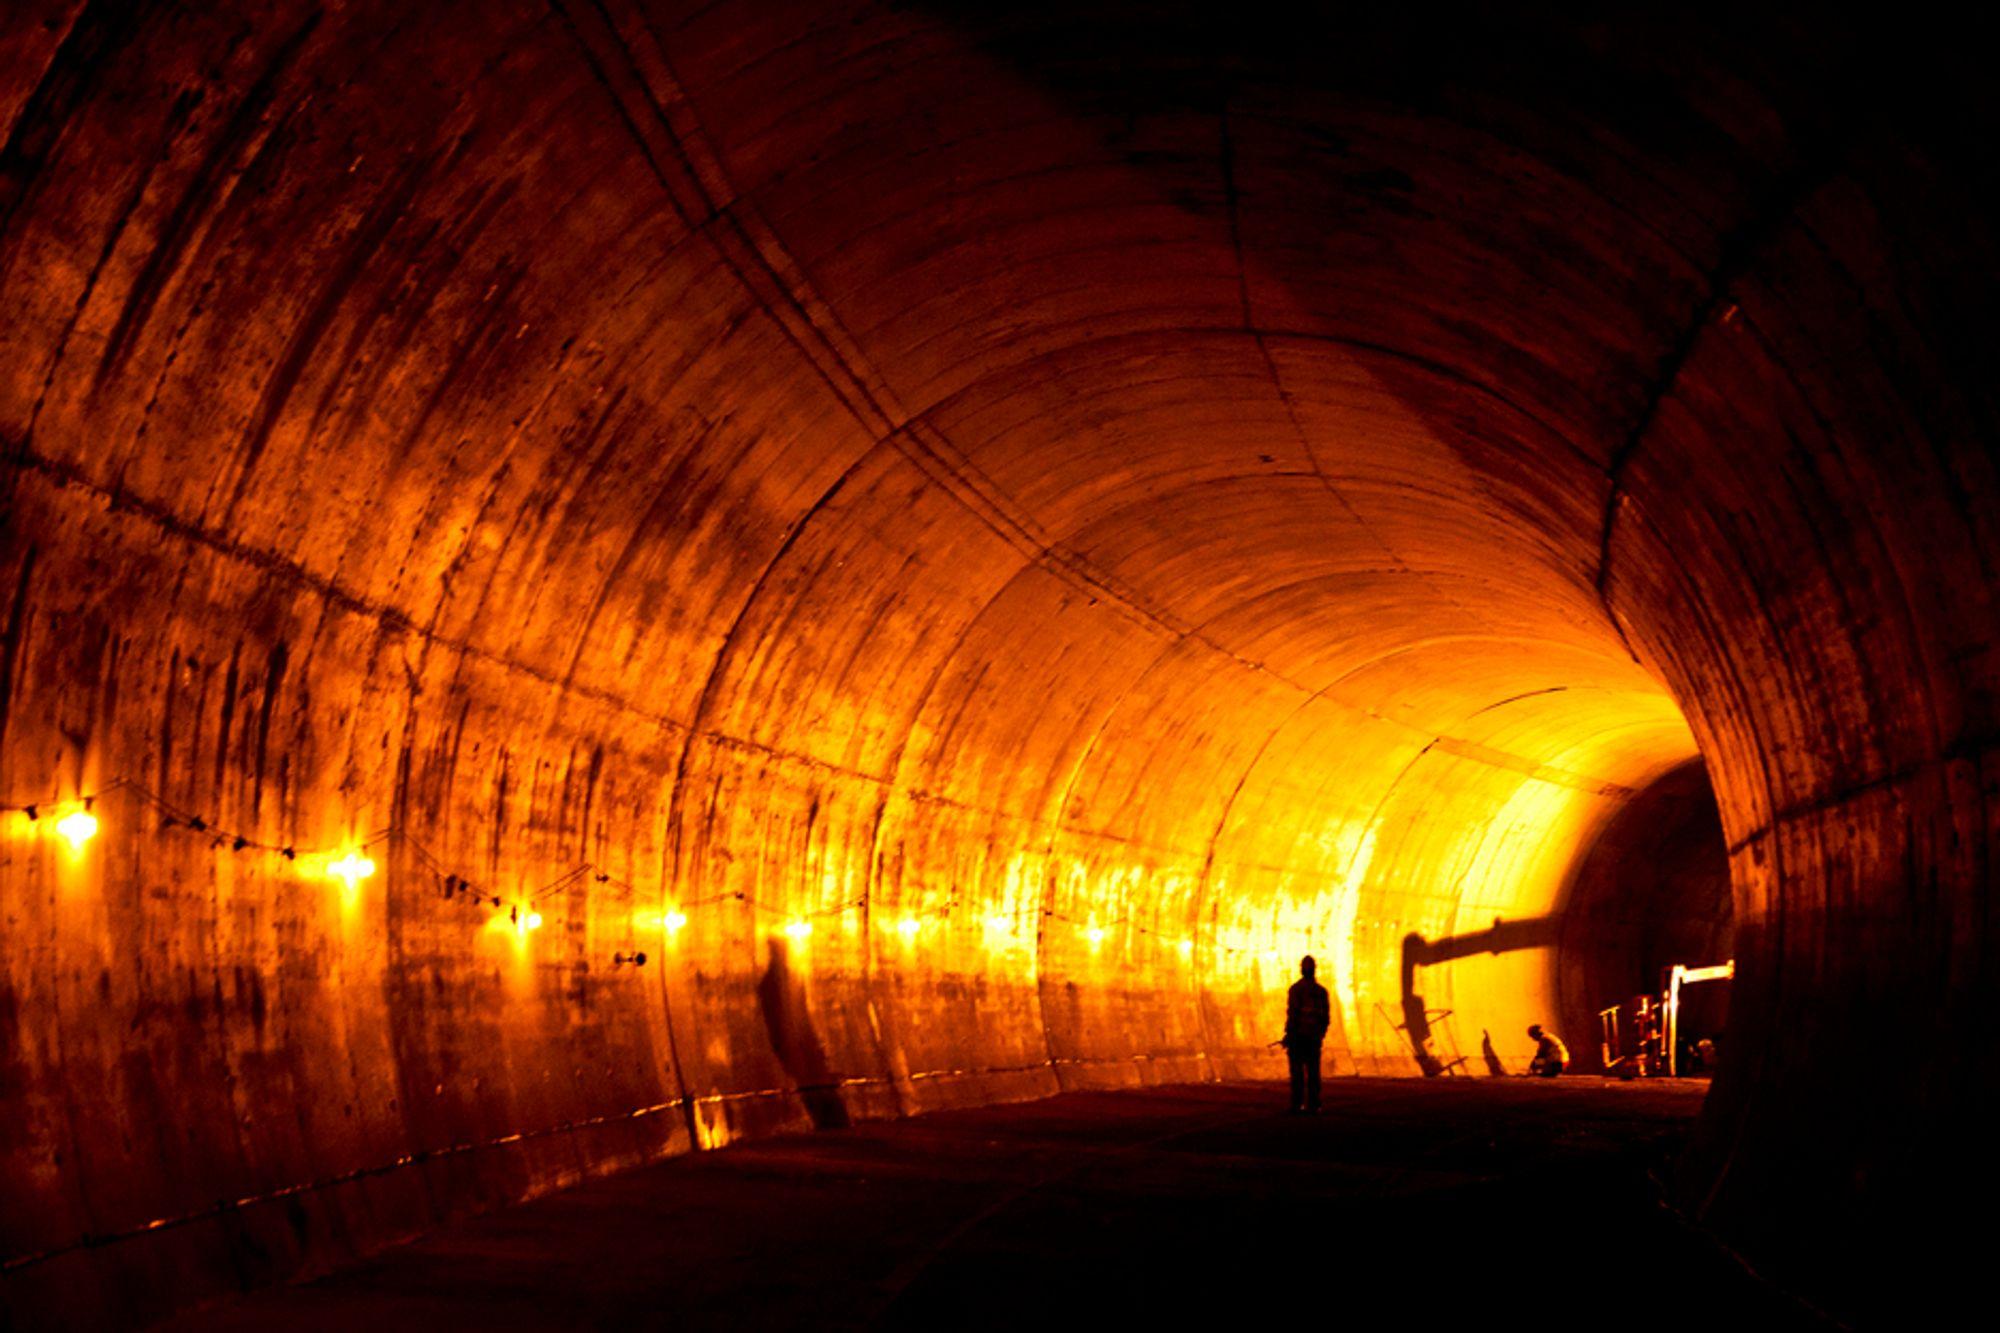 Full utstøping i norske veitunneler er et stort steg tilbake, mener en rekke norske eksperter på tunnelbygging.